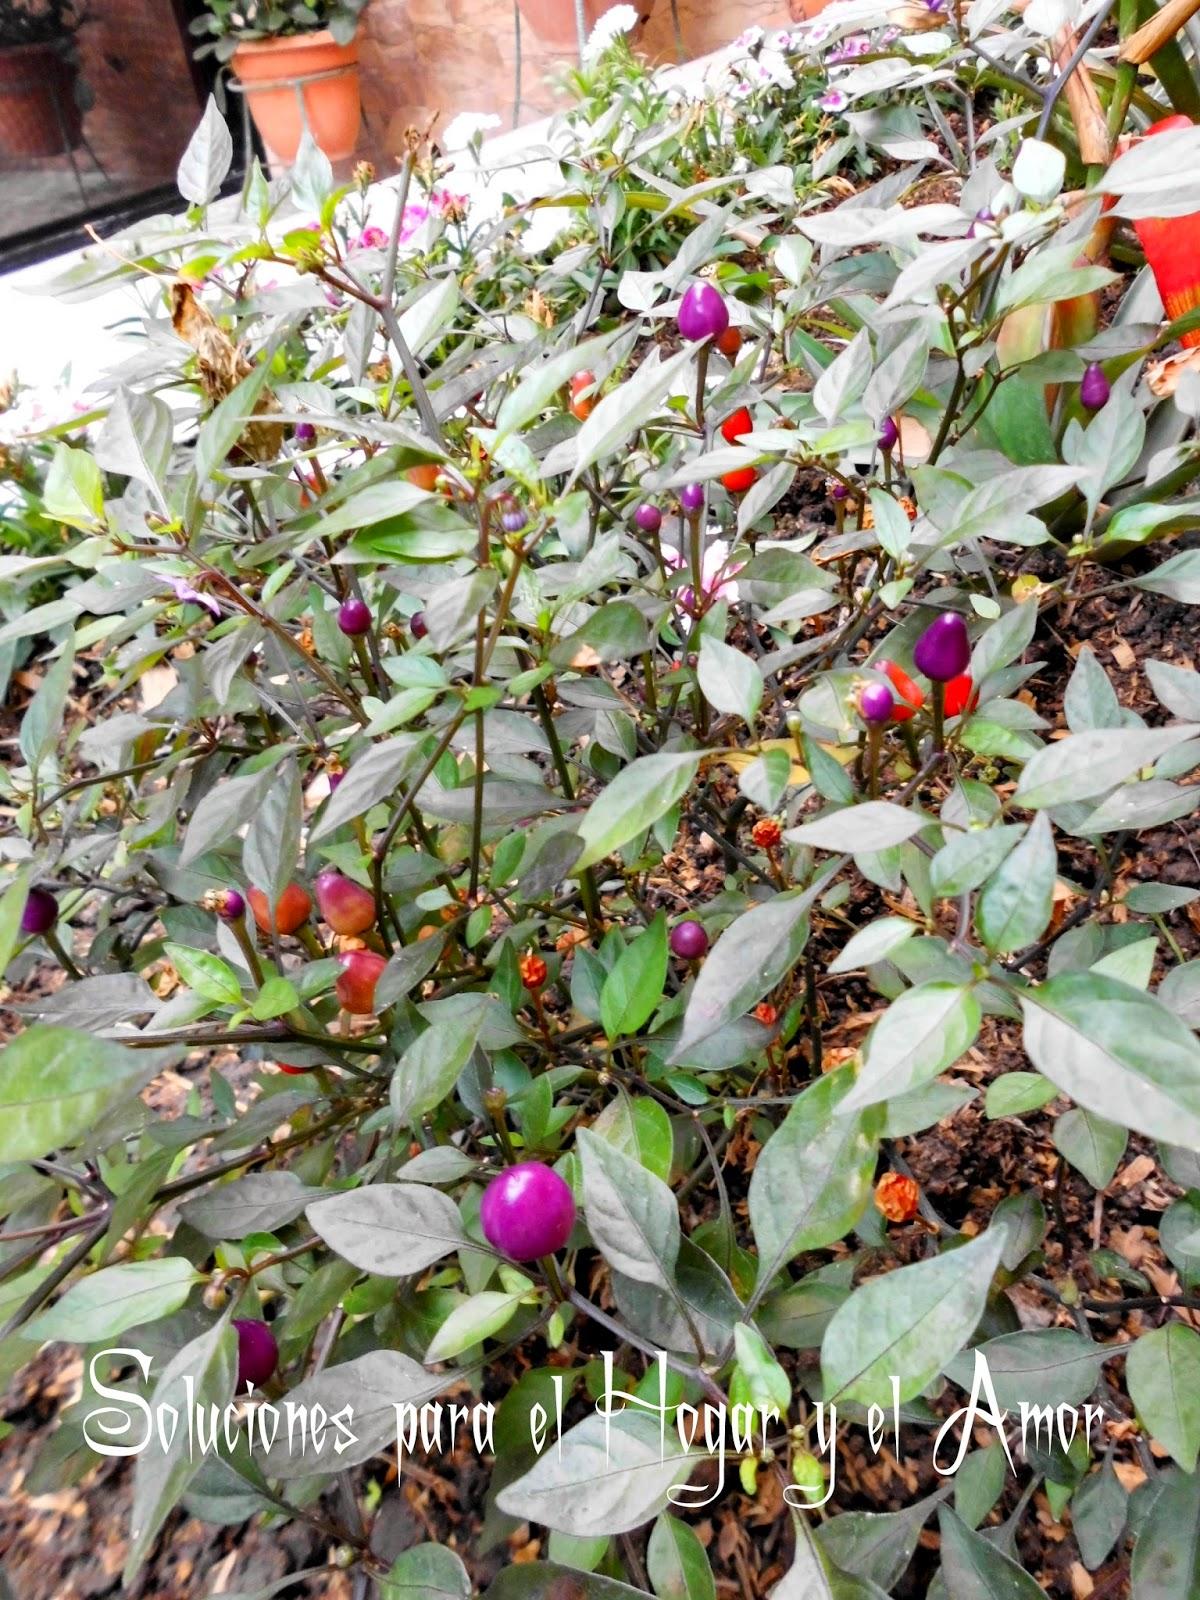 Plantas y Flores, Ají Morado, Ají rojo, Chile morado, chile rojo